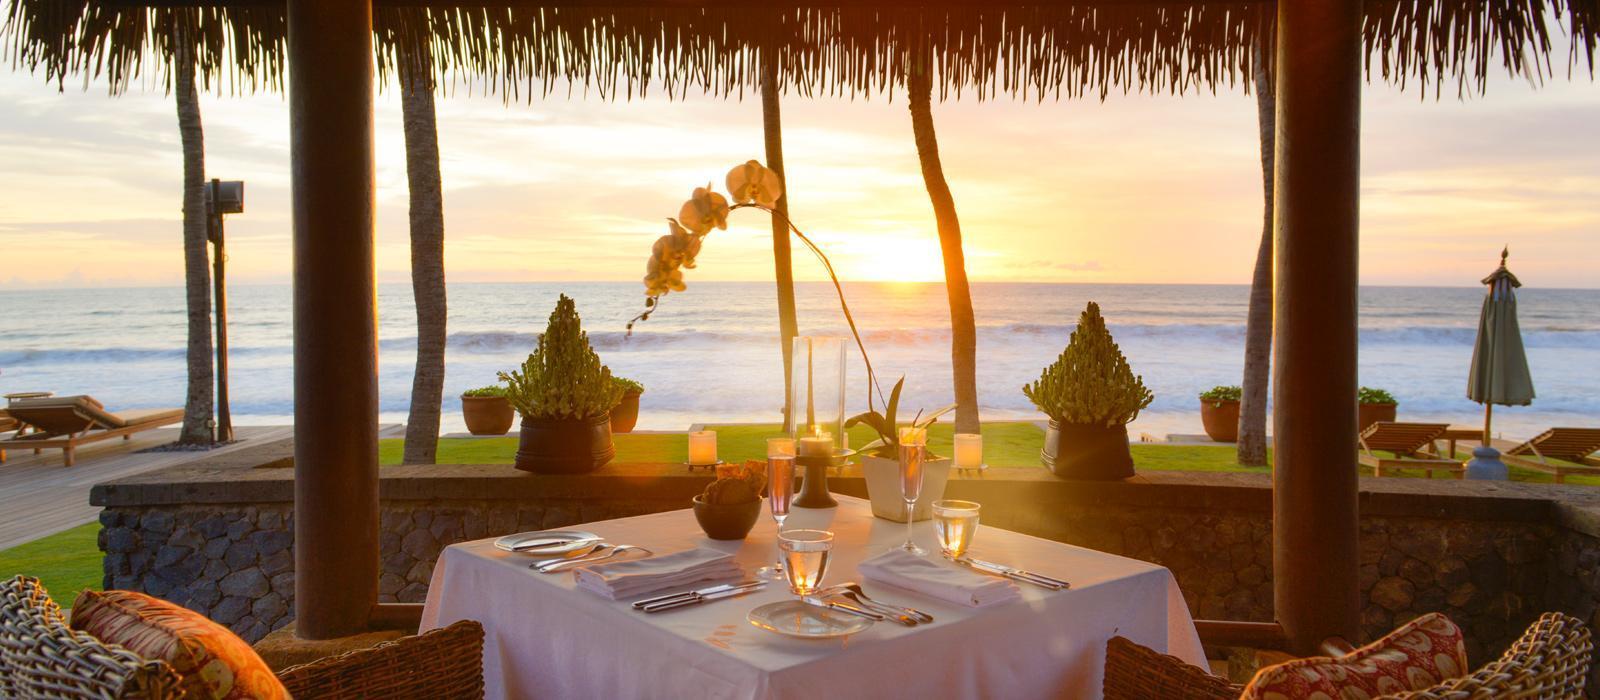 巴厘島水明漾樂吉安度假酒店(The Legian Seminyak, Bali)【 巴厘島,印度尼西亞】 酒店  www.yisecj.live